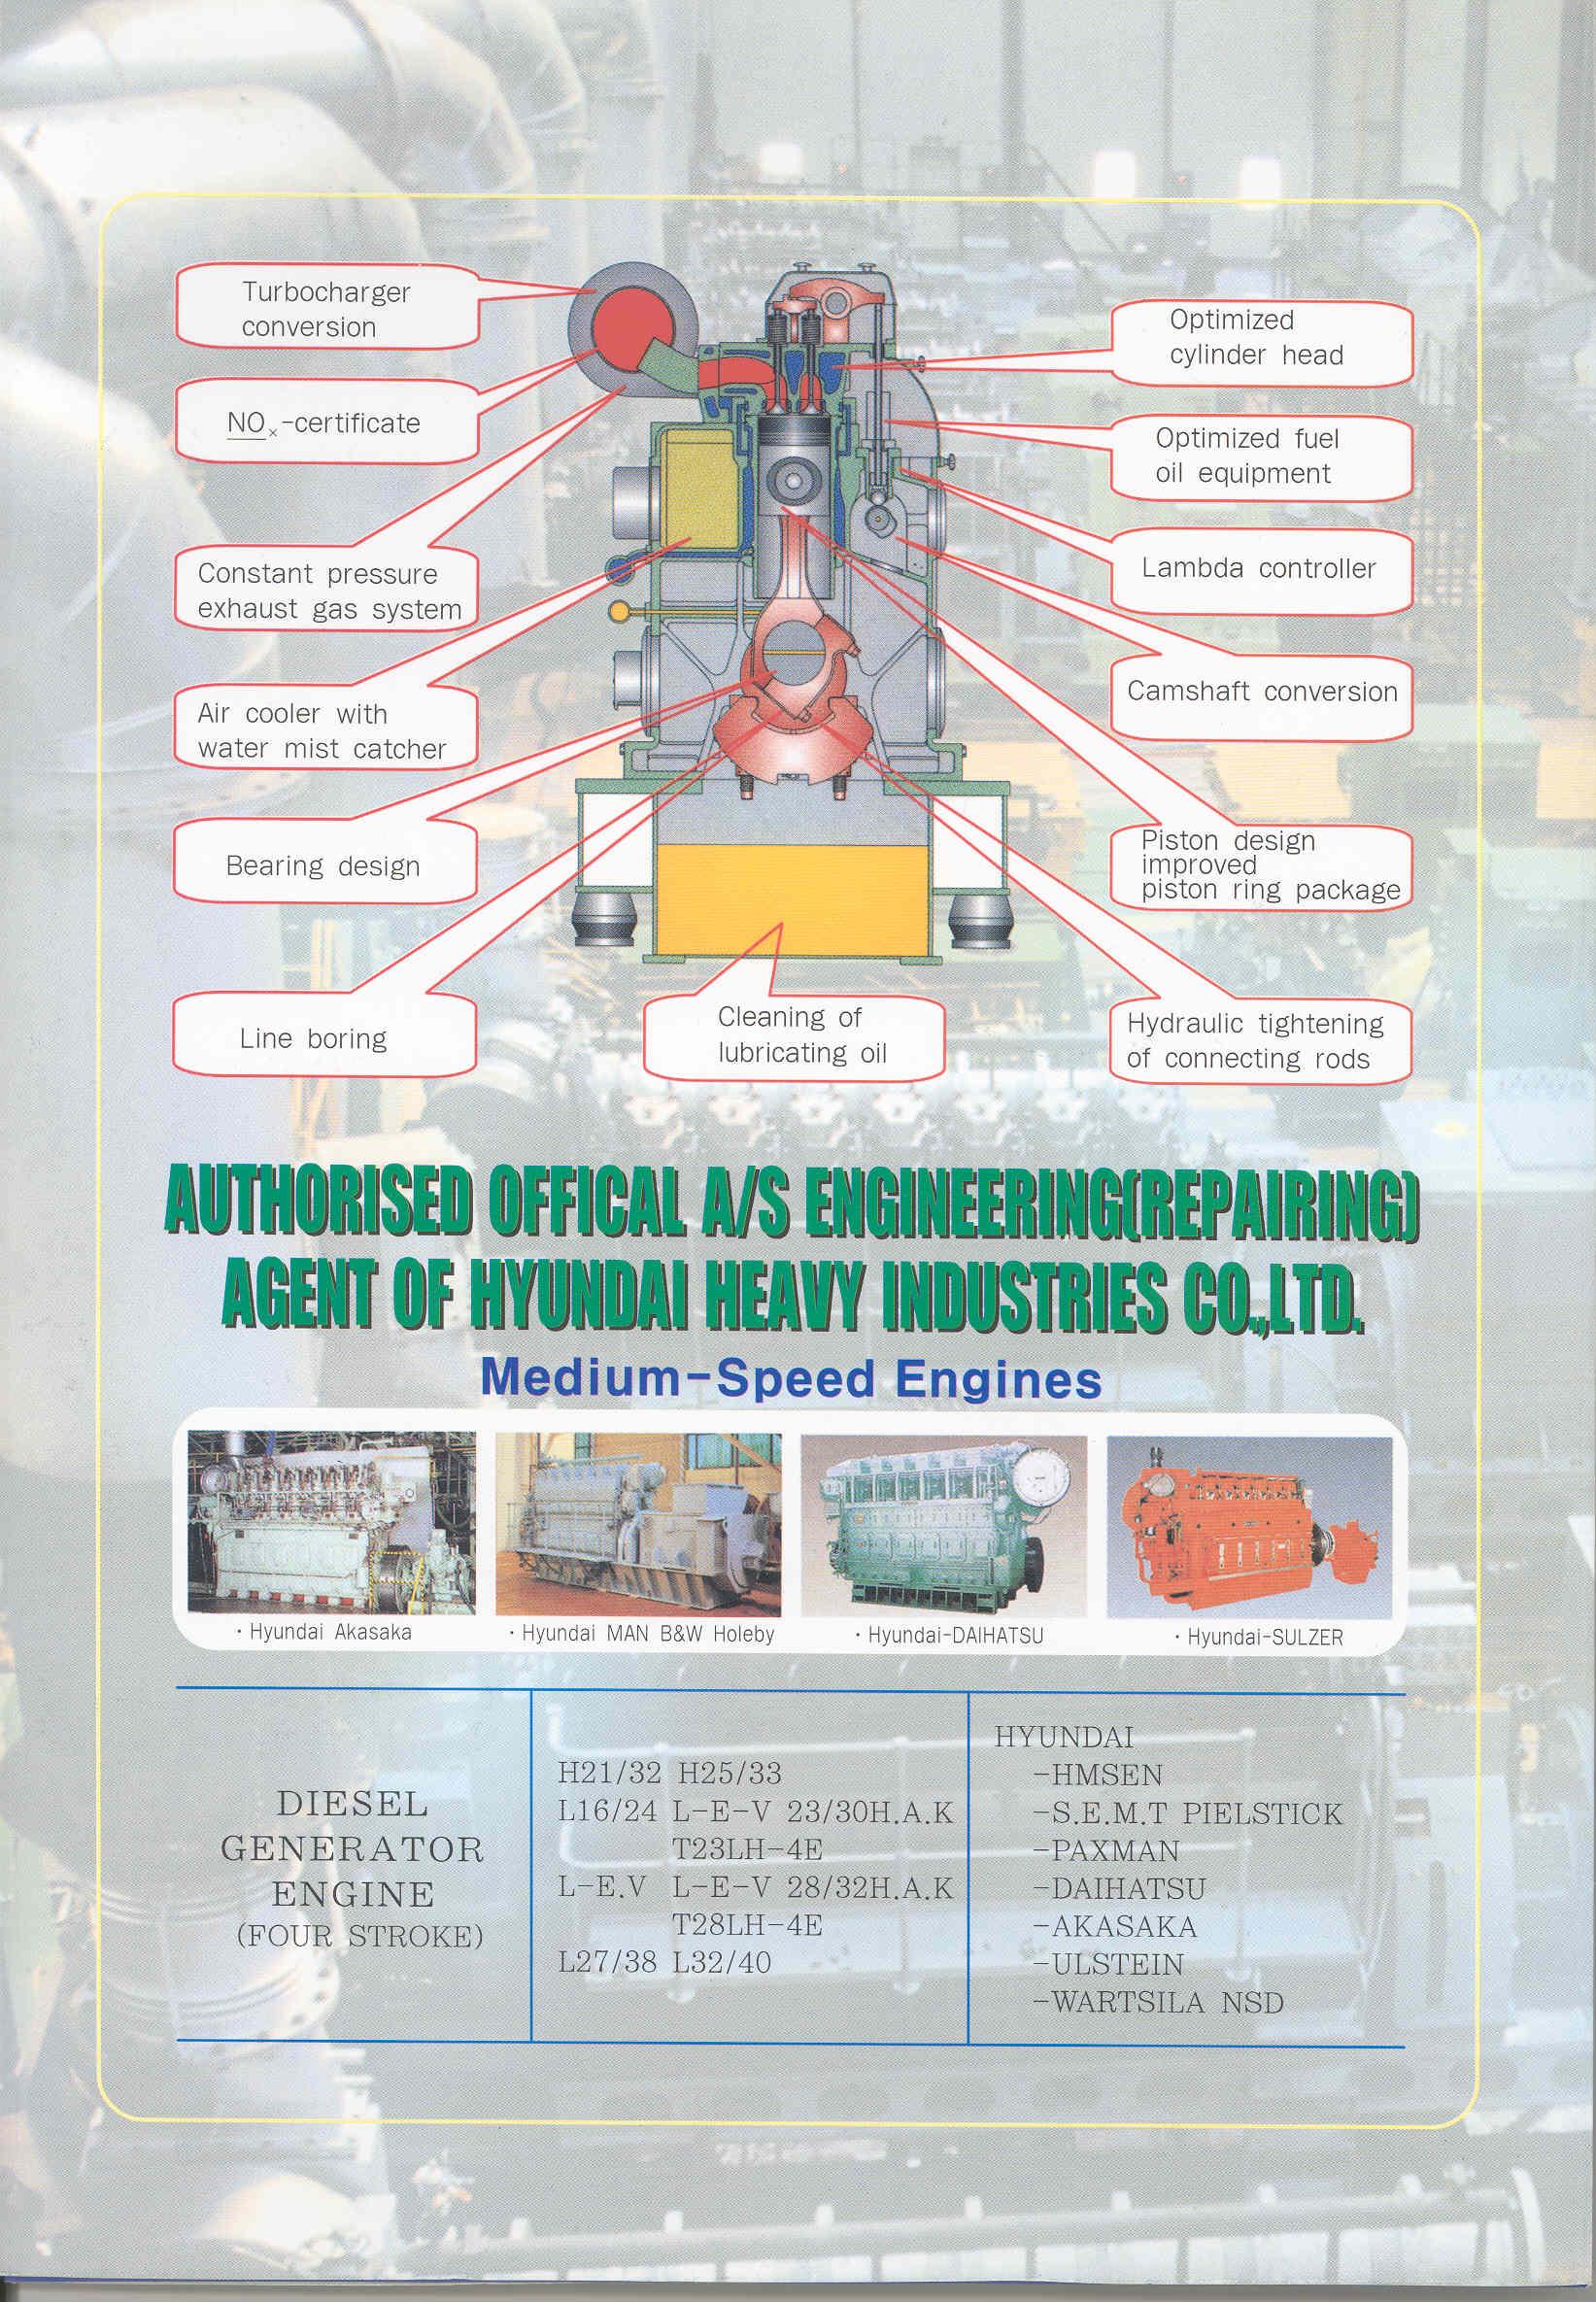 Products Sulzer Engine Diagram Kogyo Osaka Blower Rfd Sanshin Senpaku Dengu Sasakura Seo Koatsu Shinko Taiko Kikai Taiyo Electric Takatori Tanabe Teikoku Terasaki Tsuji